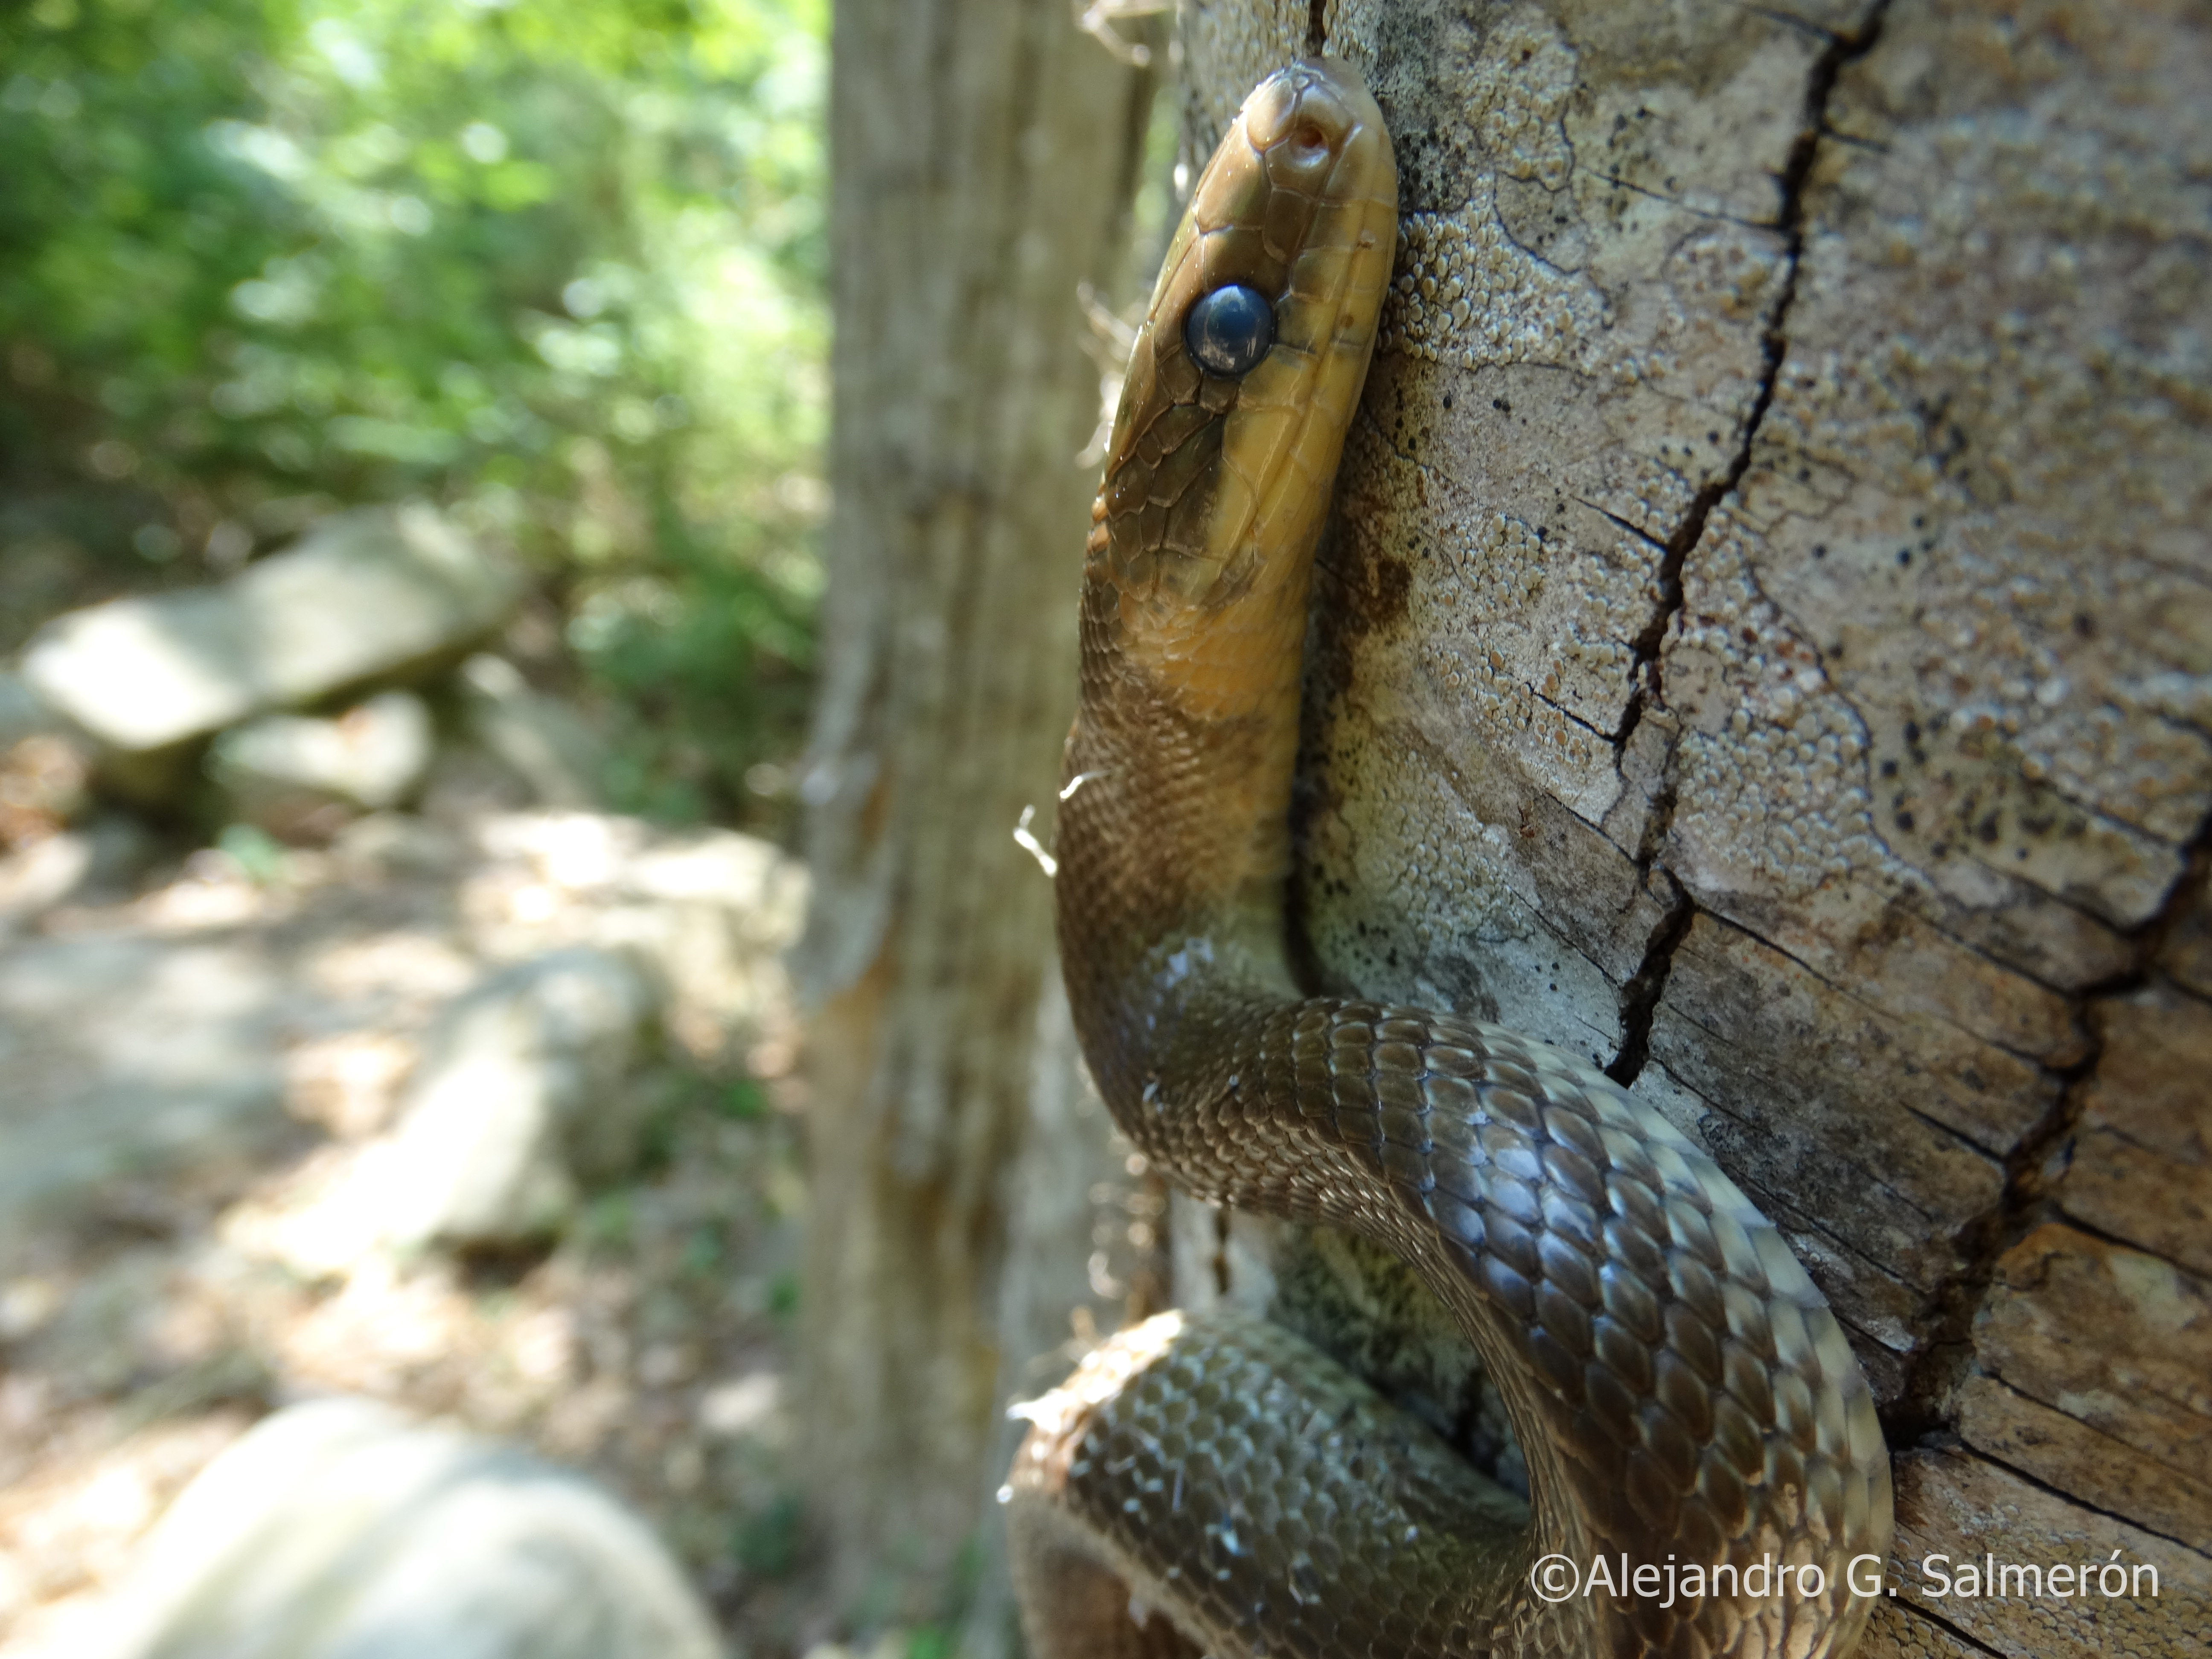 culebra de Esculapio (Zamenis longissimus)